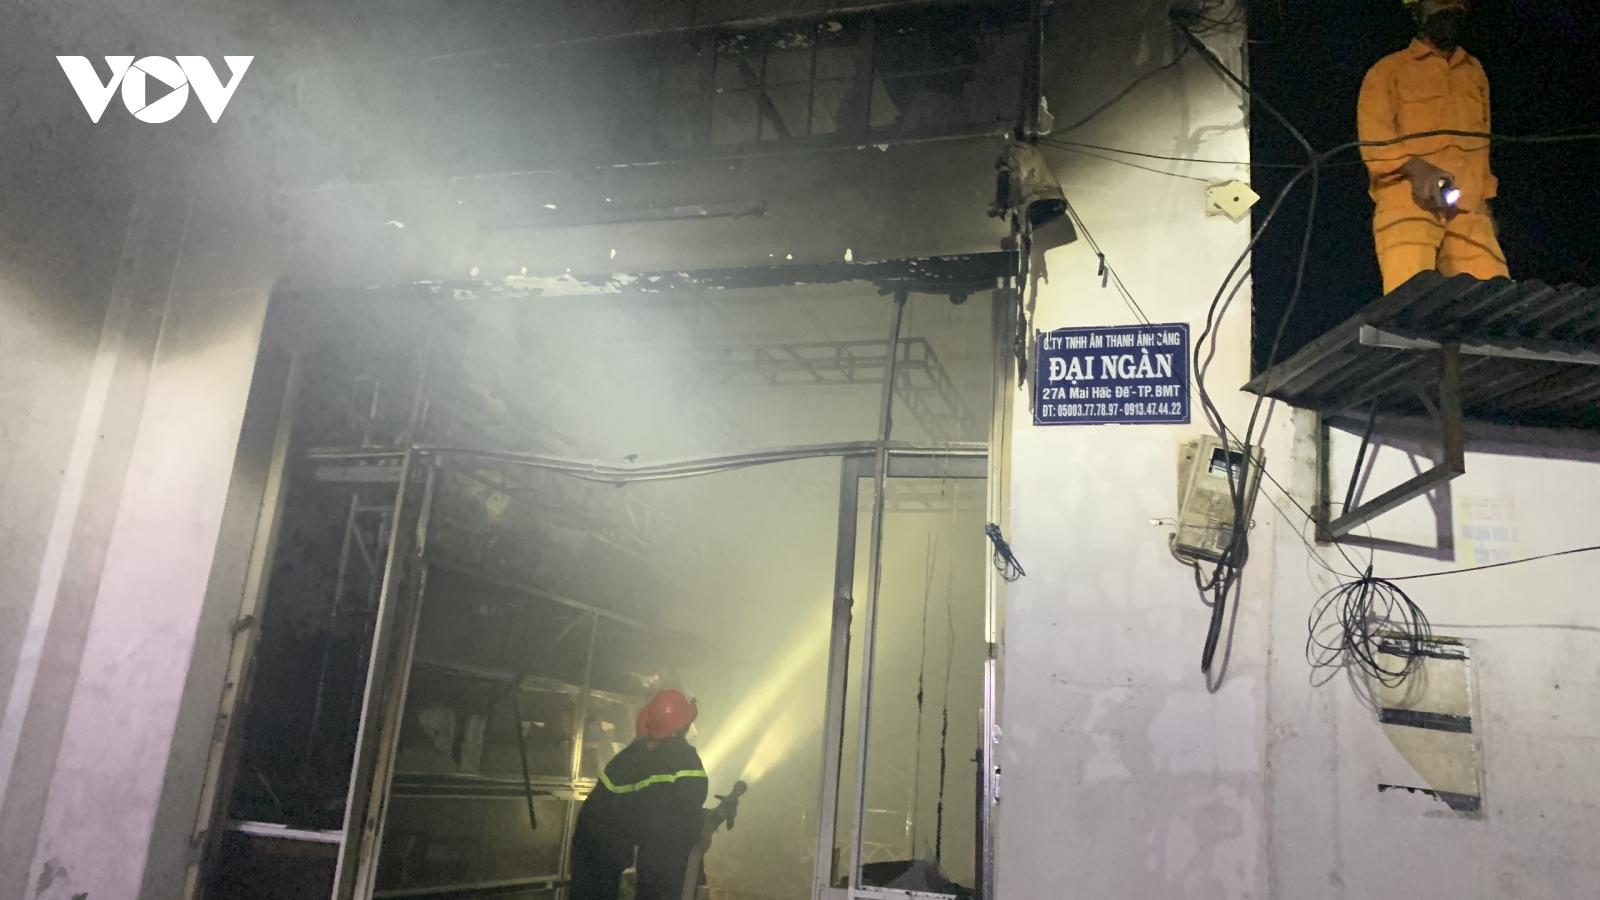 Đắk Lắk kịp thời dập vụ cháy cửa hàng thiết bị âm thanh trong đêm